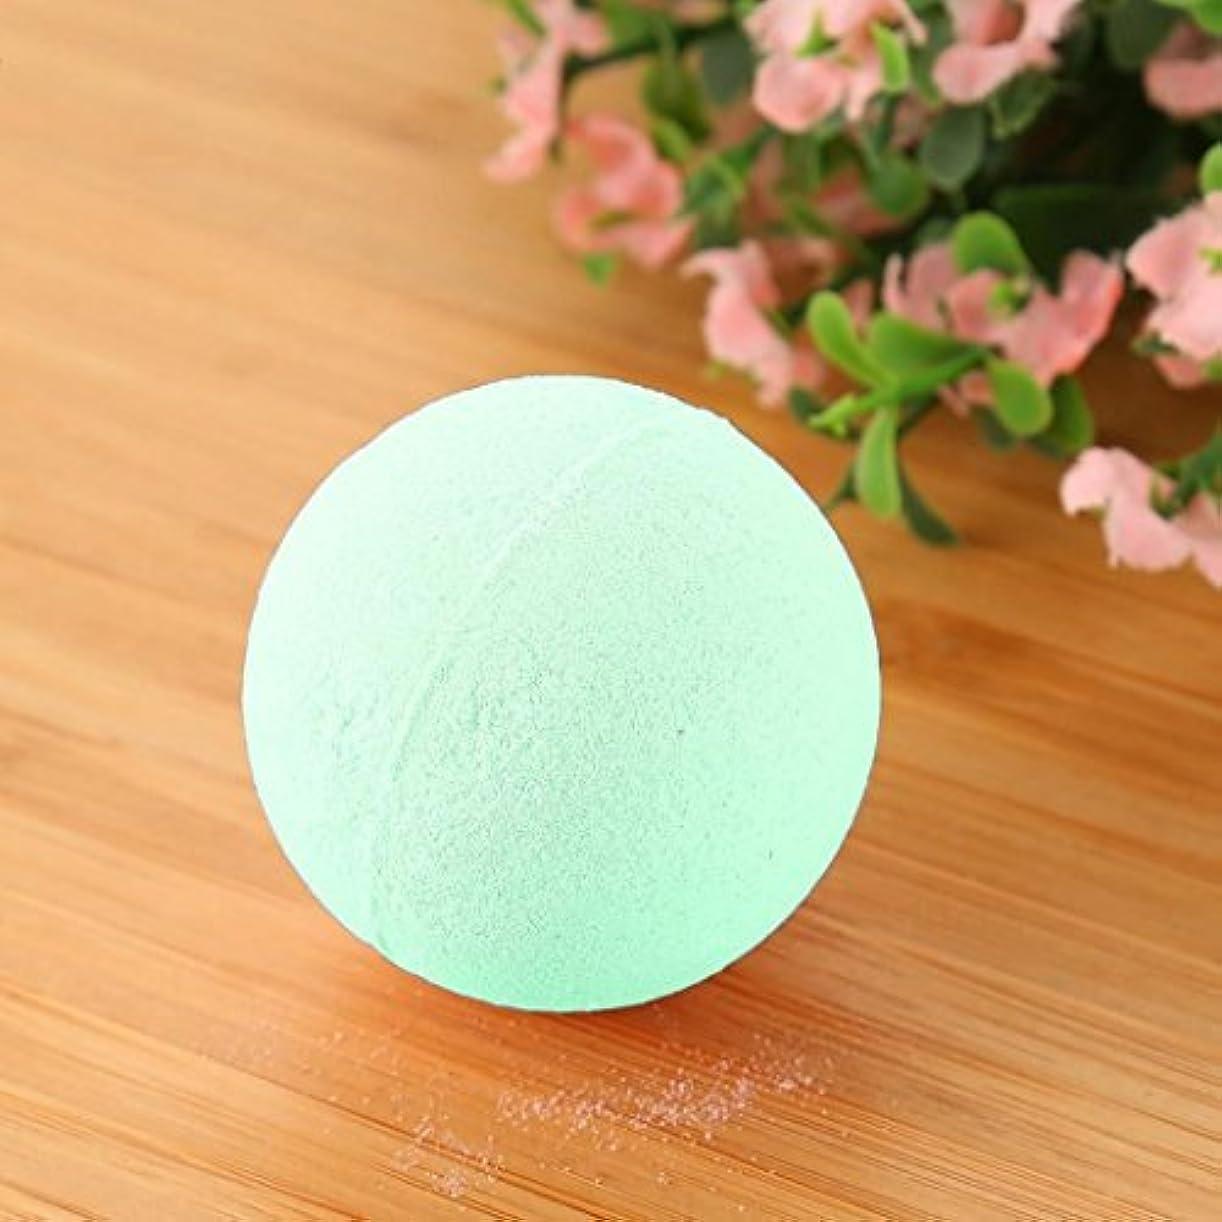 比類なきうつアンソロジー女性のための塩ソルトボールプレゼントリラックス泡風呂